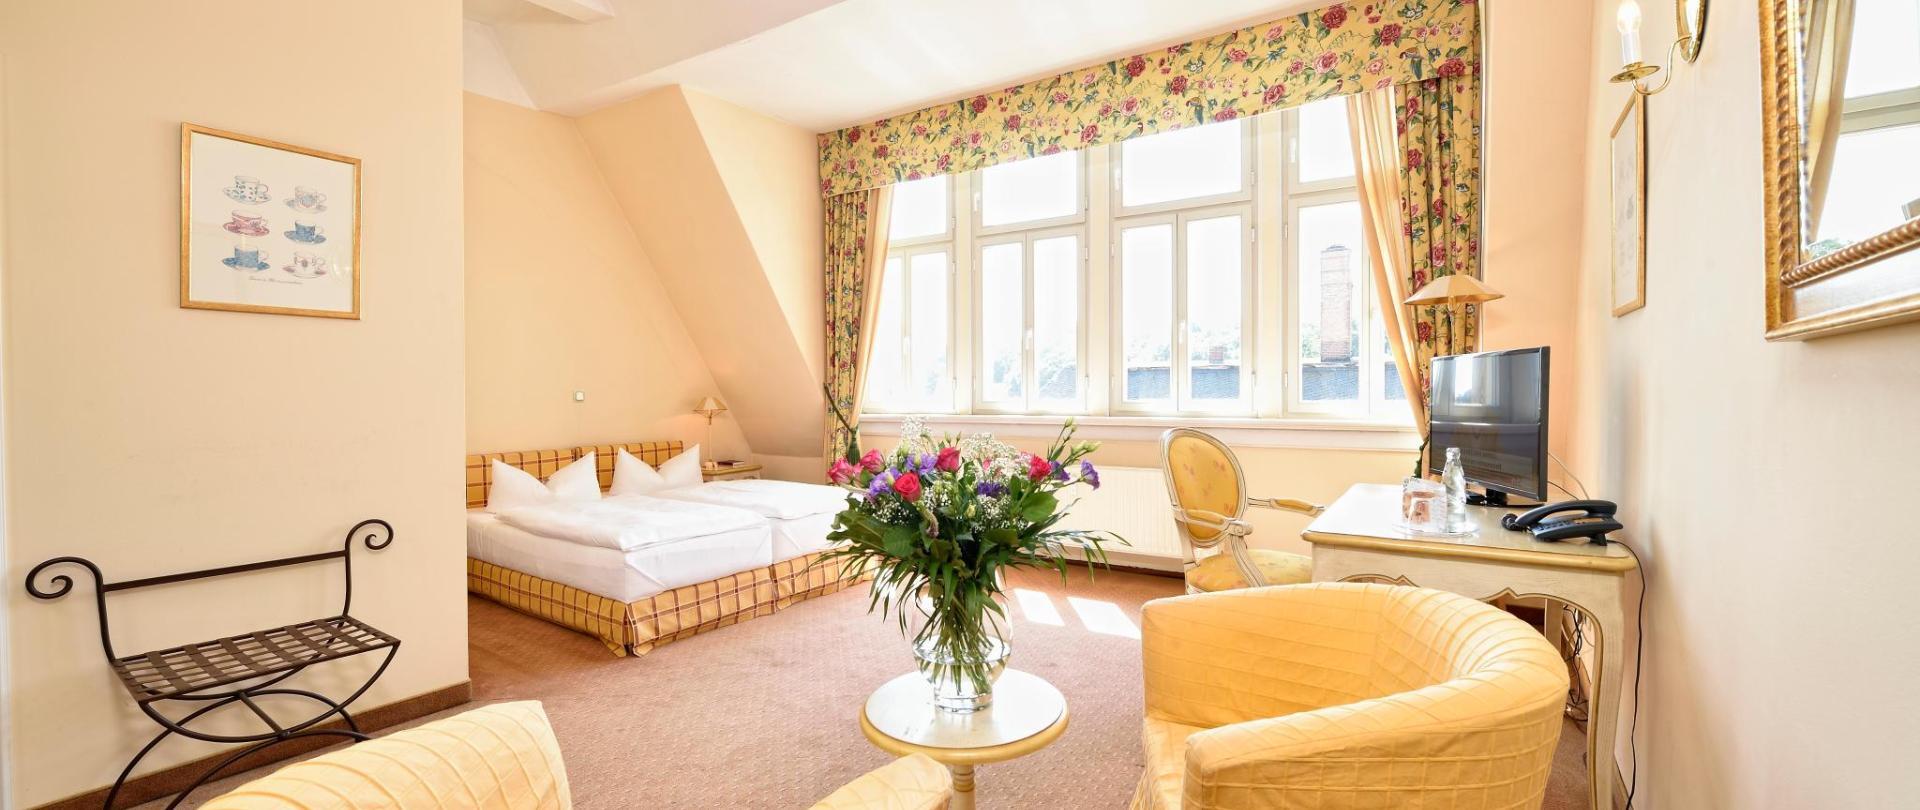 Hotel_GvM_035.jpg